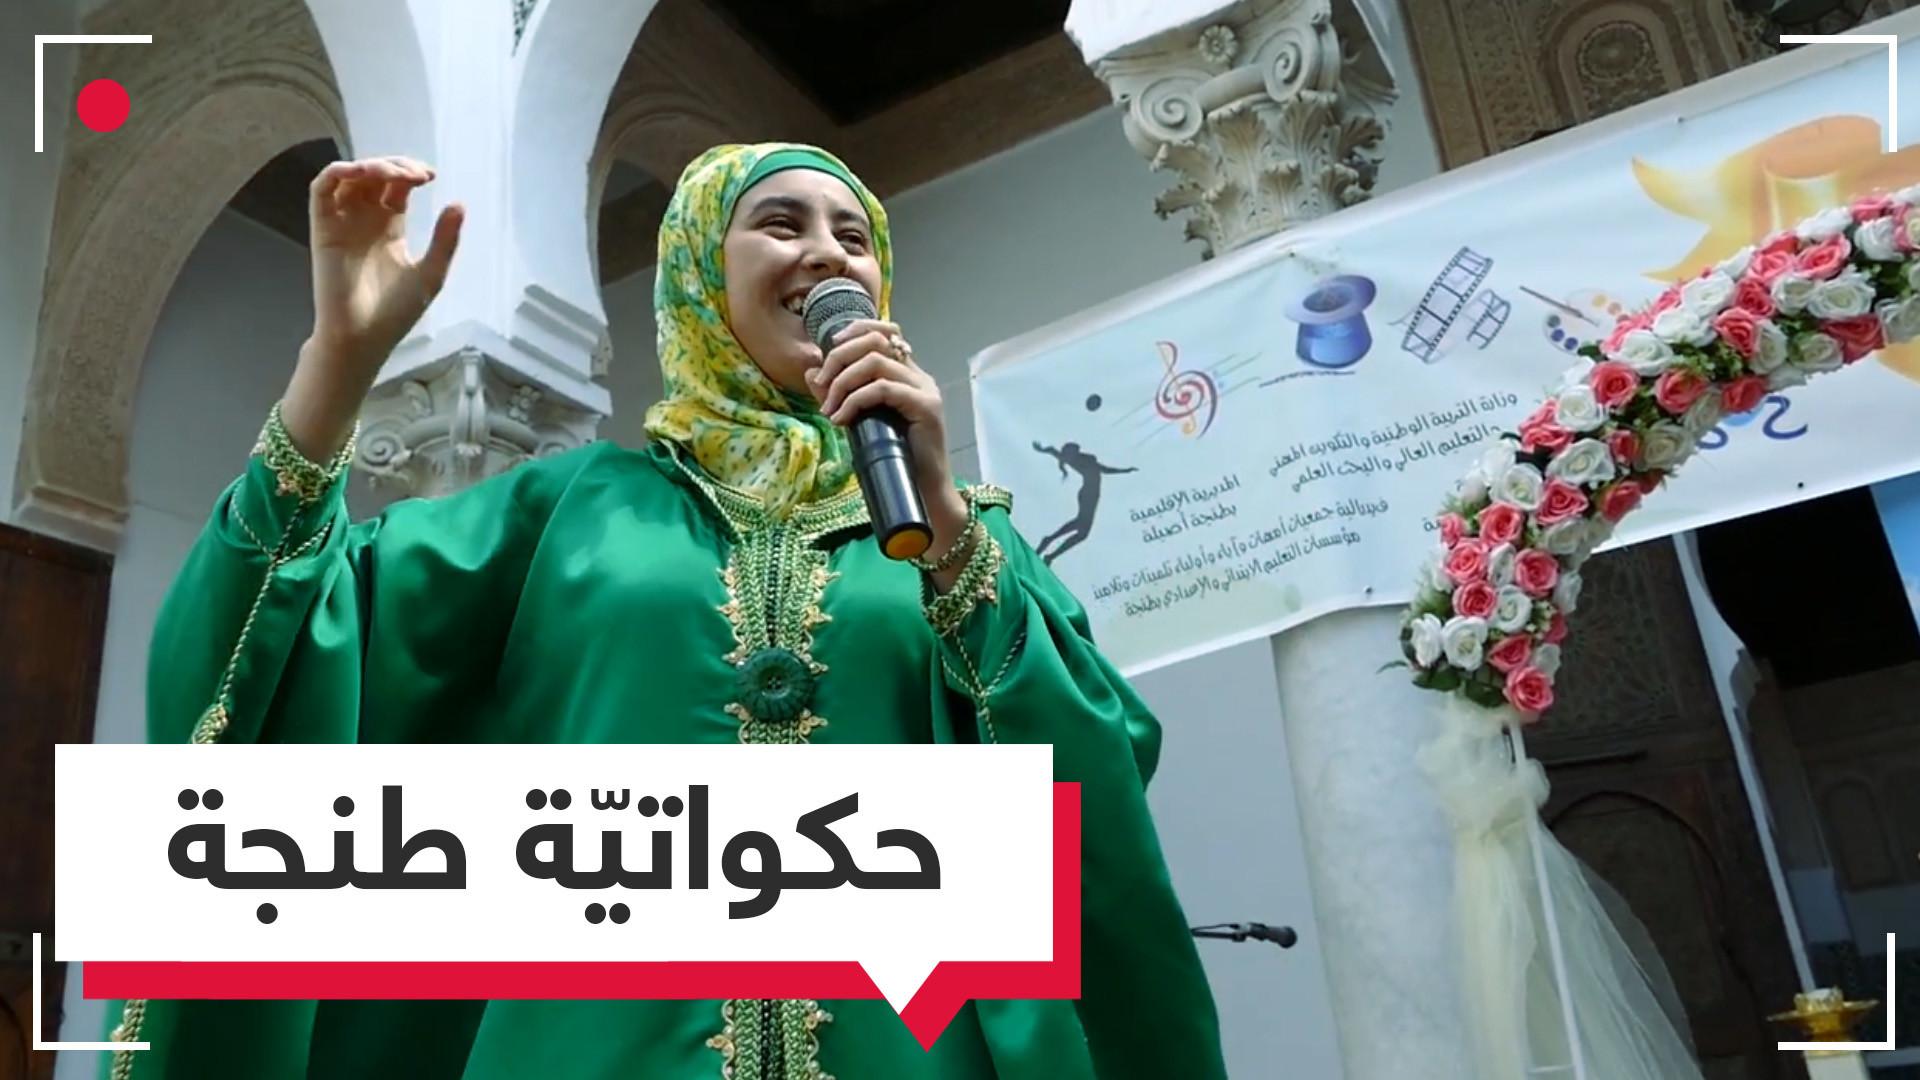 أذهلت الجميع بفنها.. حكواتيّة مغربية تروي لـRTONLINE حكايتها!